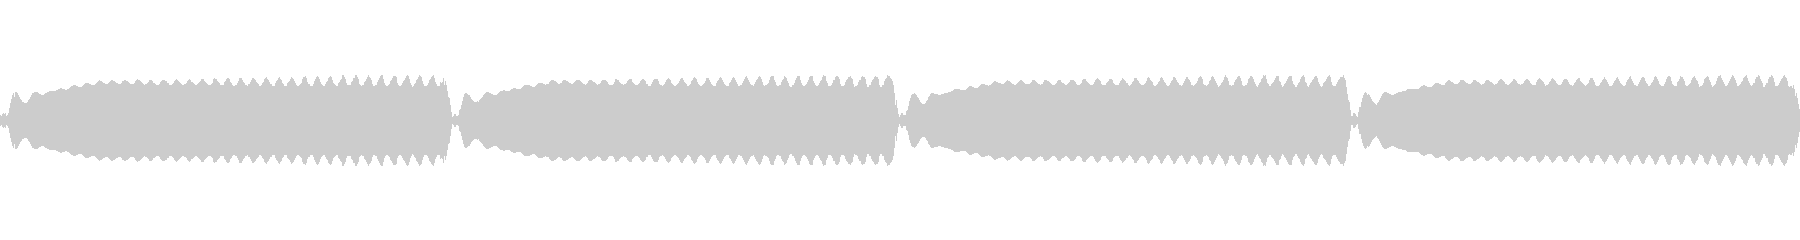 【サイレン01-4L】の未再生の波形